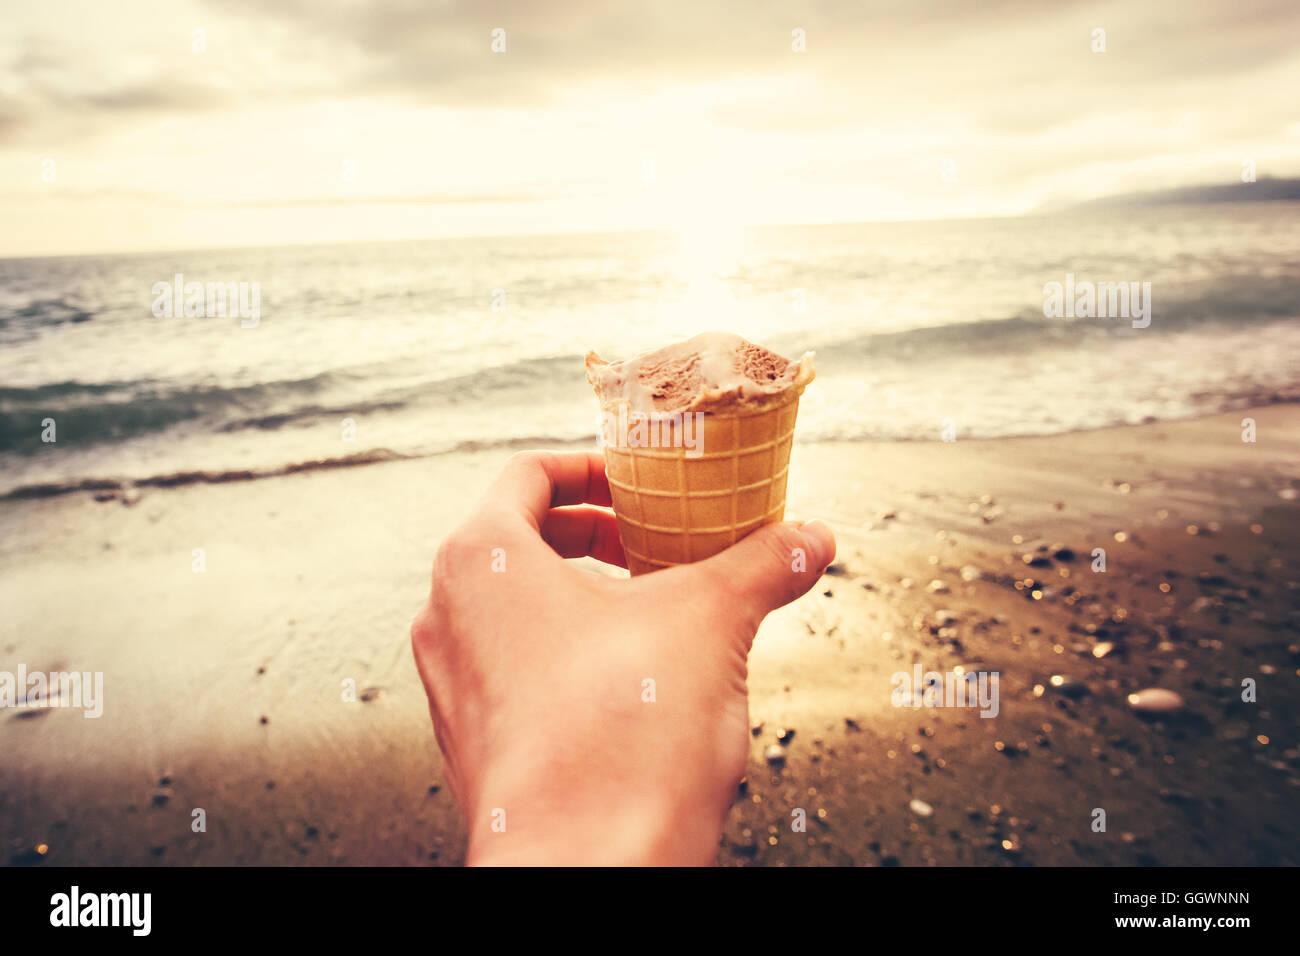 Mano azienda Gelato con mare spiaggia tramonto sullo sfondo le vacanze estive di viaggio il concetto di stile di Immagini Stock